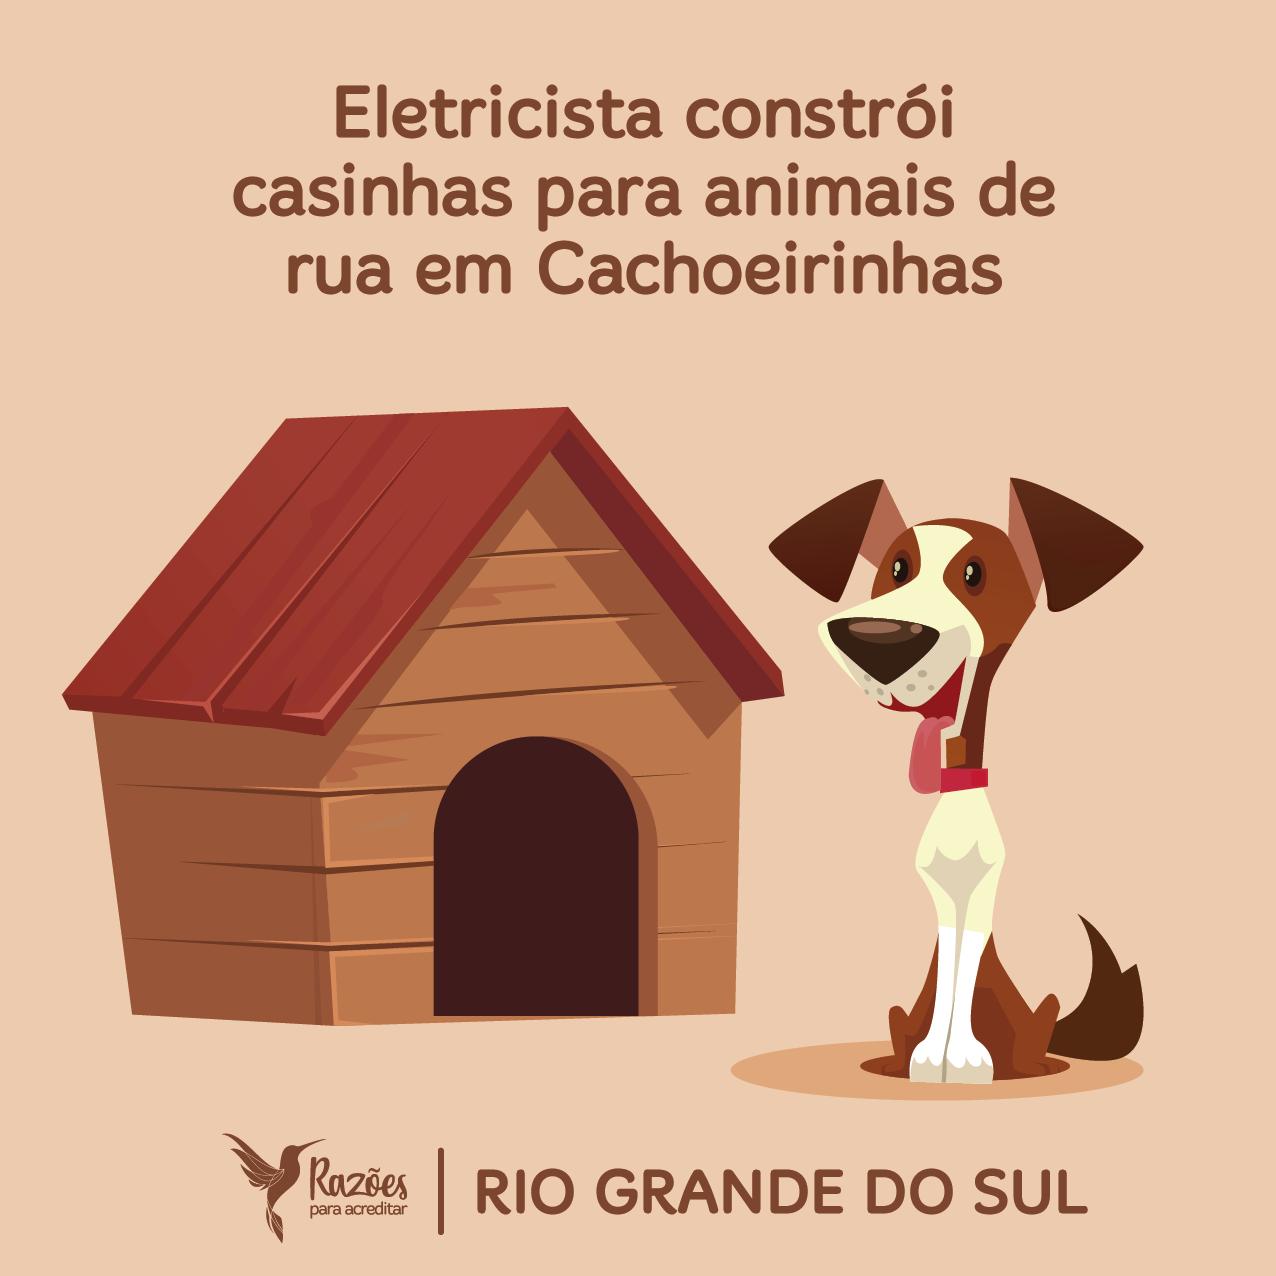 boas notícias ilustrações razões para acreditar - Rio Grande do Sul